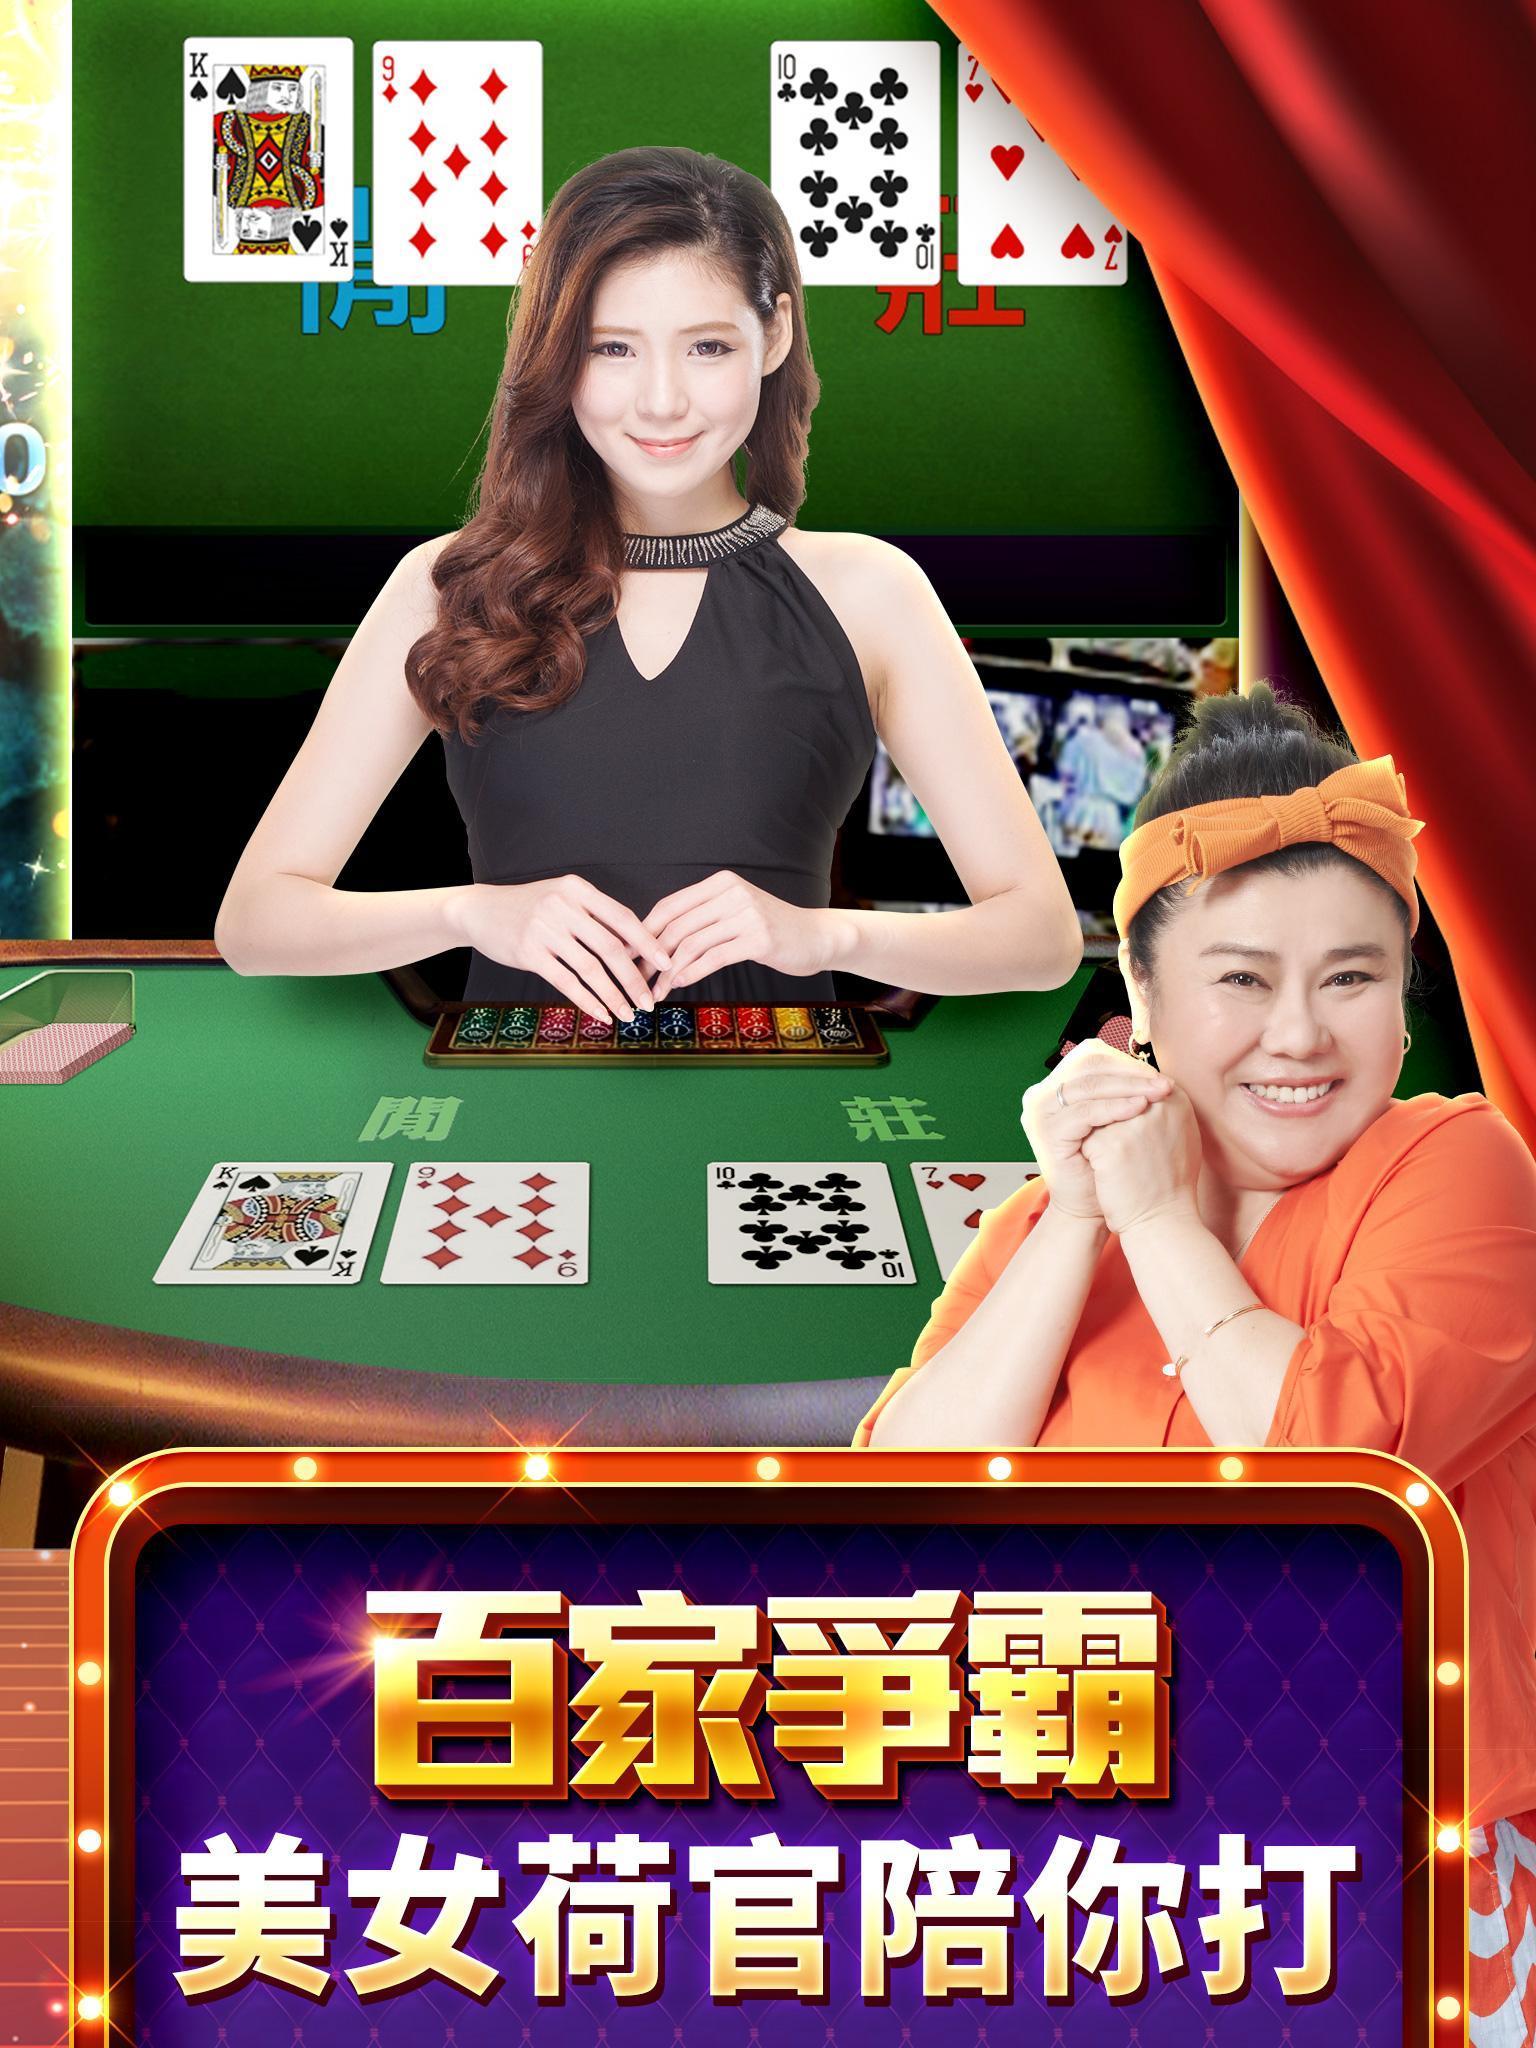 老子有錢 麻將、捕魚、老虎機、百家樂、柏青斯洛 2.57.1320 Screenshot 5